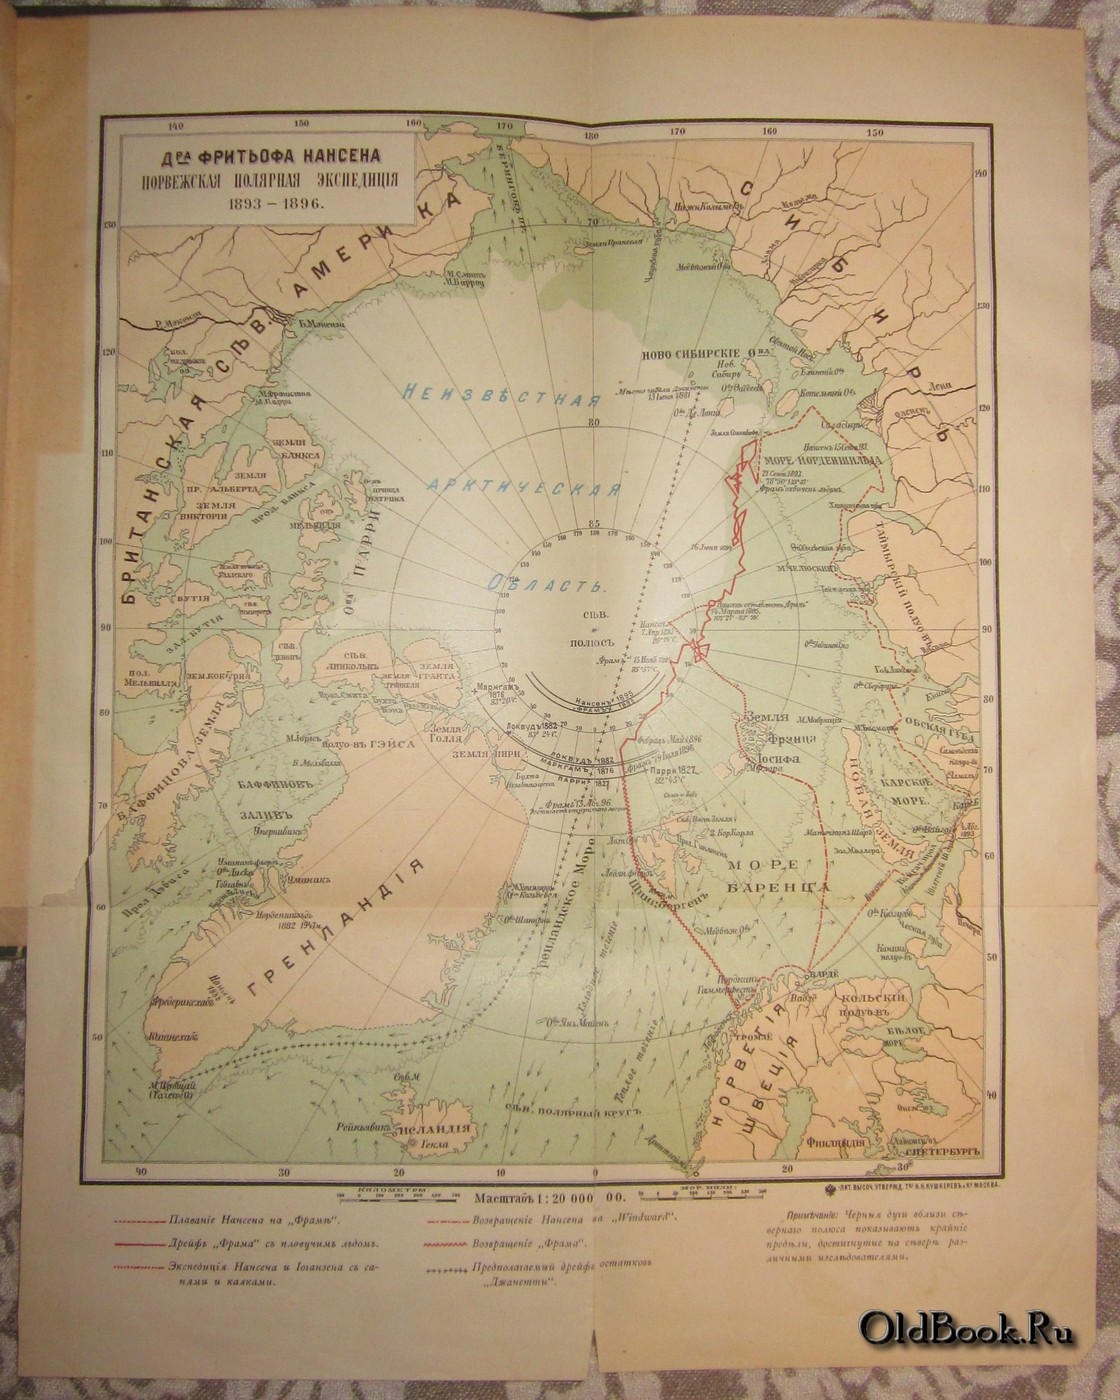 117 что такое арктика и как велика (по площади) принадлежащая ссср часть арктики?